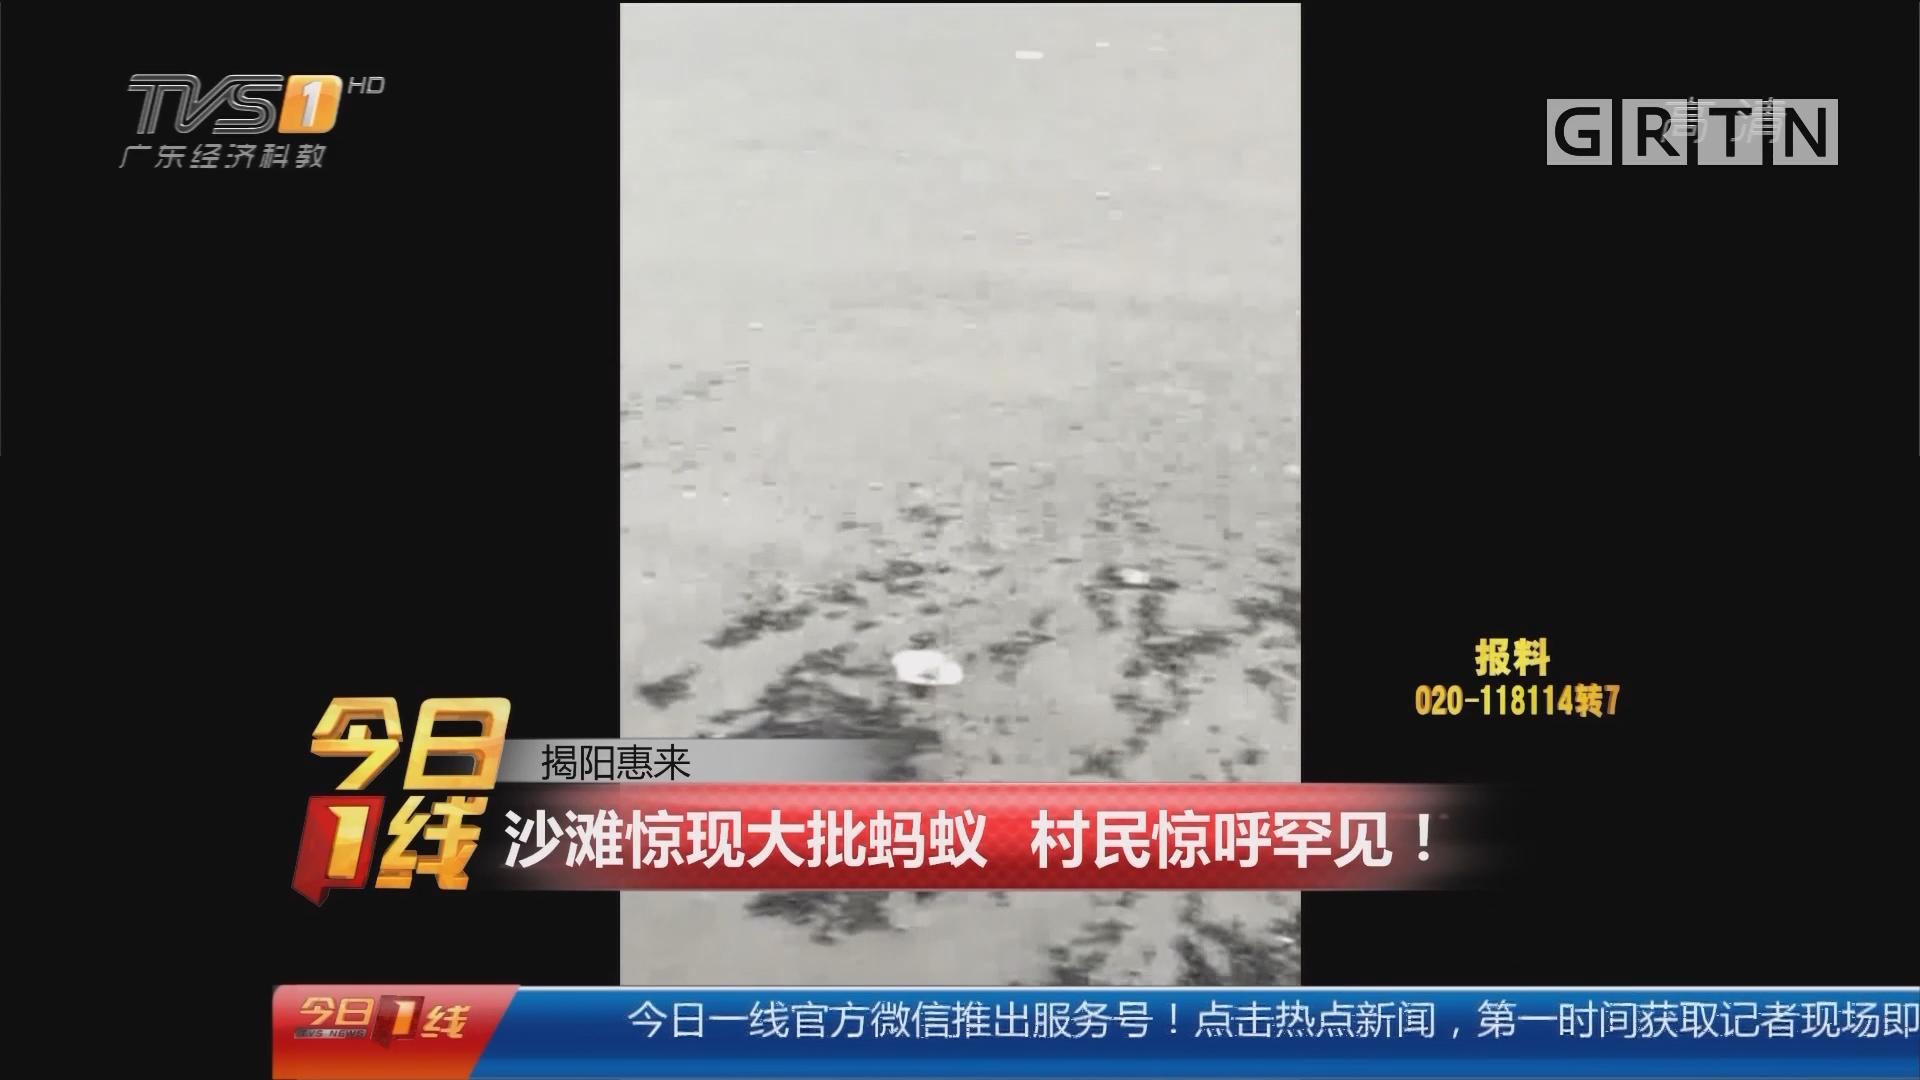 揭阳惠来:沙滩惊现大批蚂蚁 村民惊呼罕见!